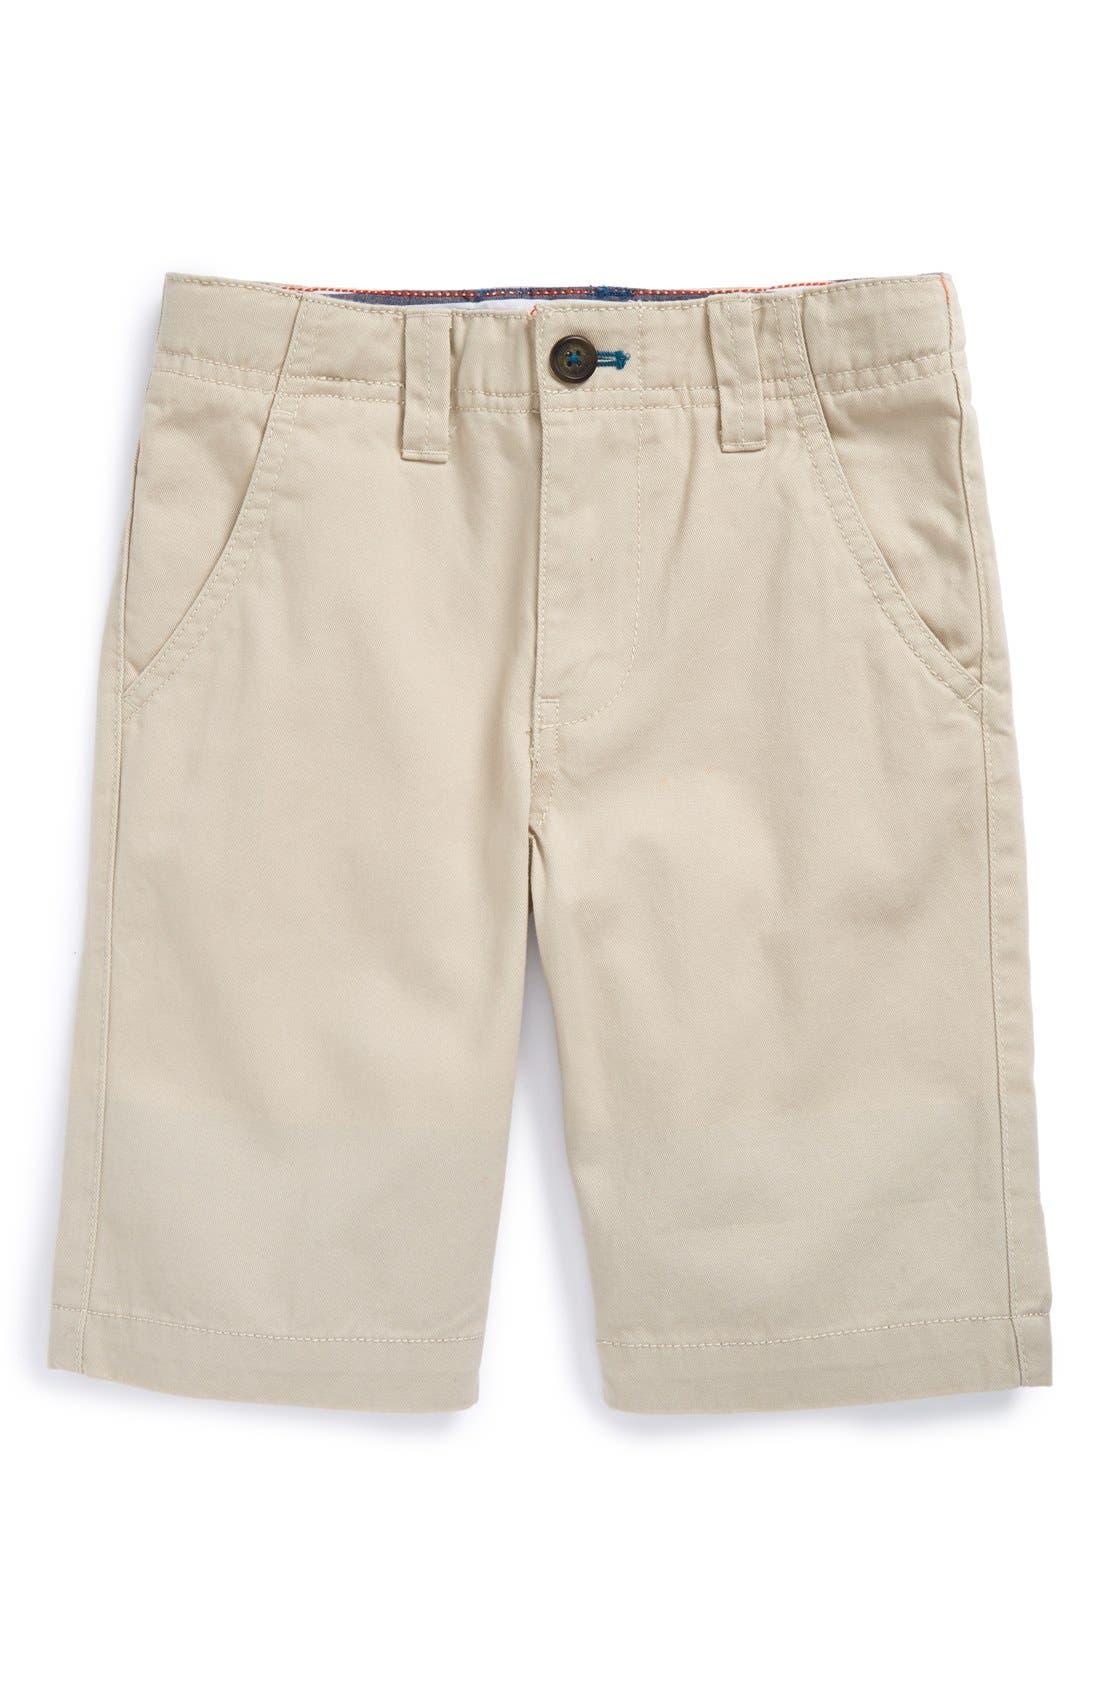 Cotton Chino Shorts,                         Main,                         color, 026